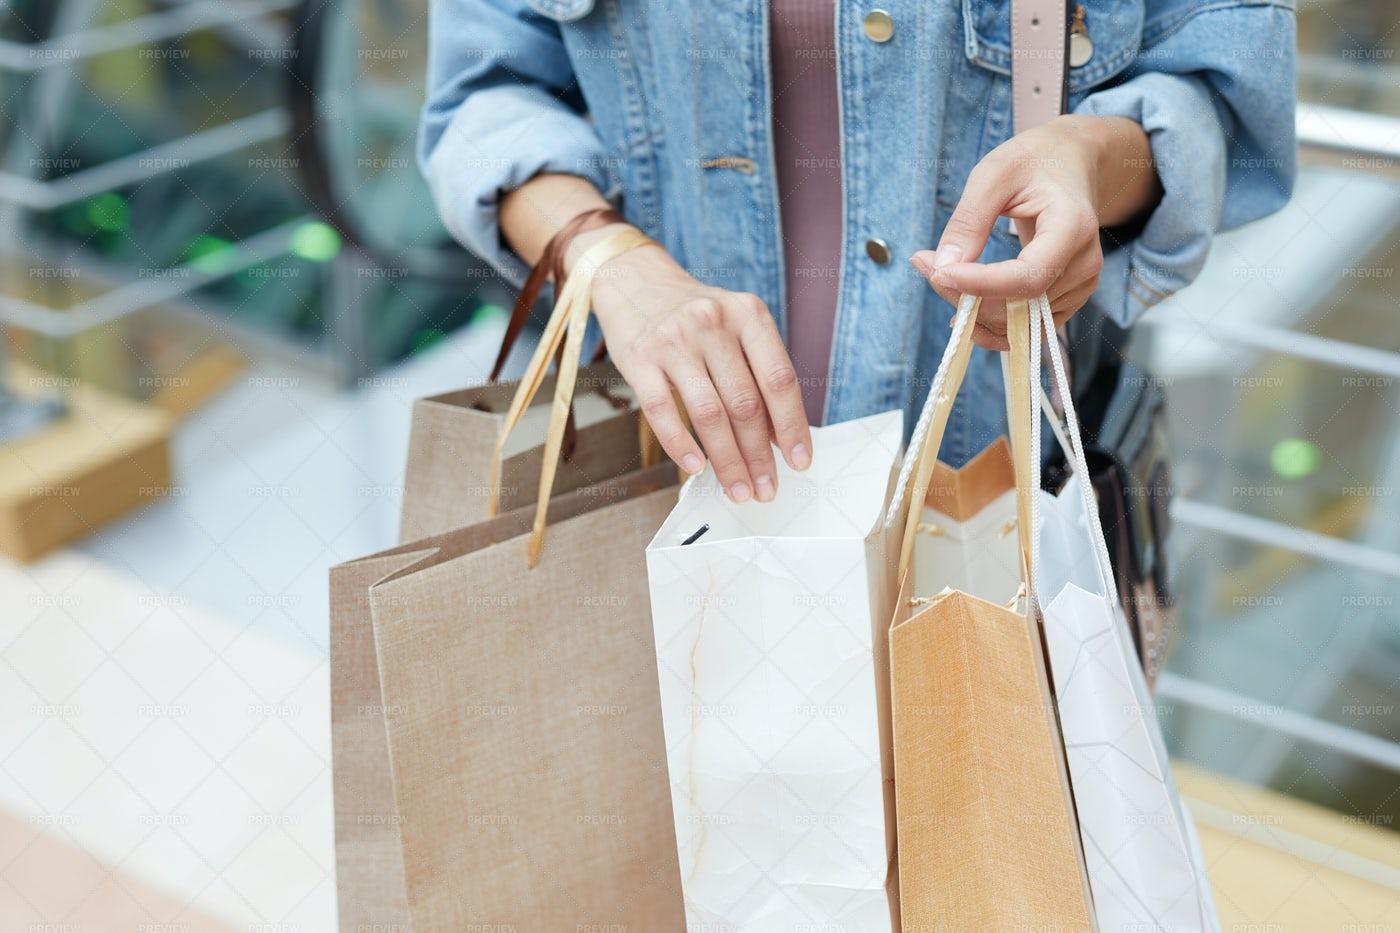 Looking Through Shopping Bags: Stock Photos